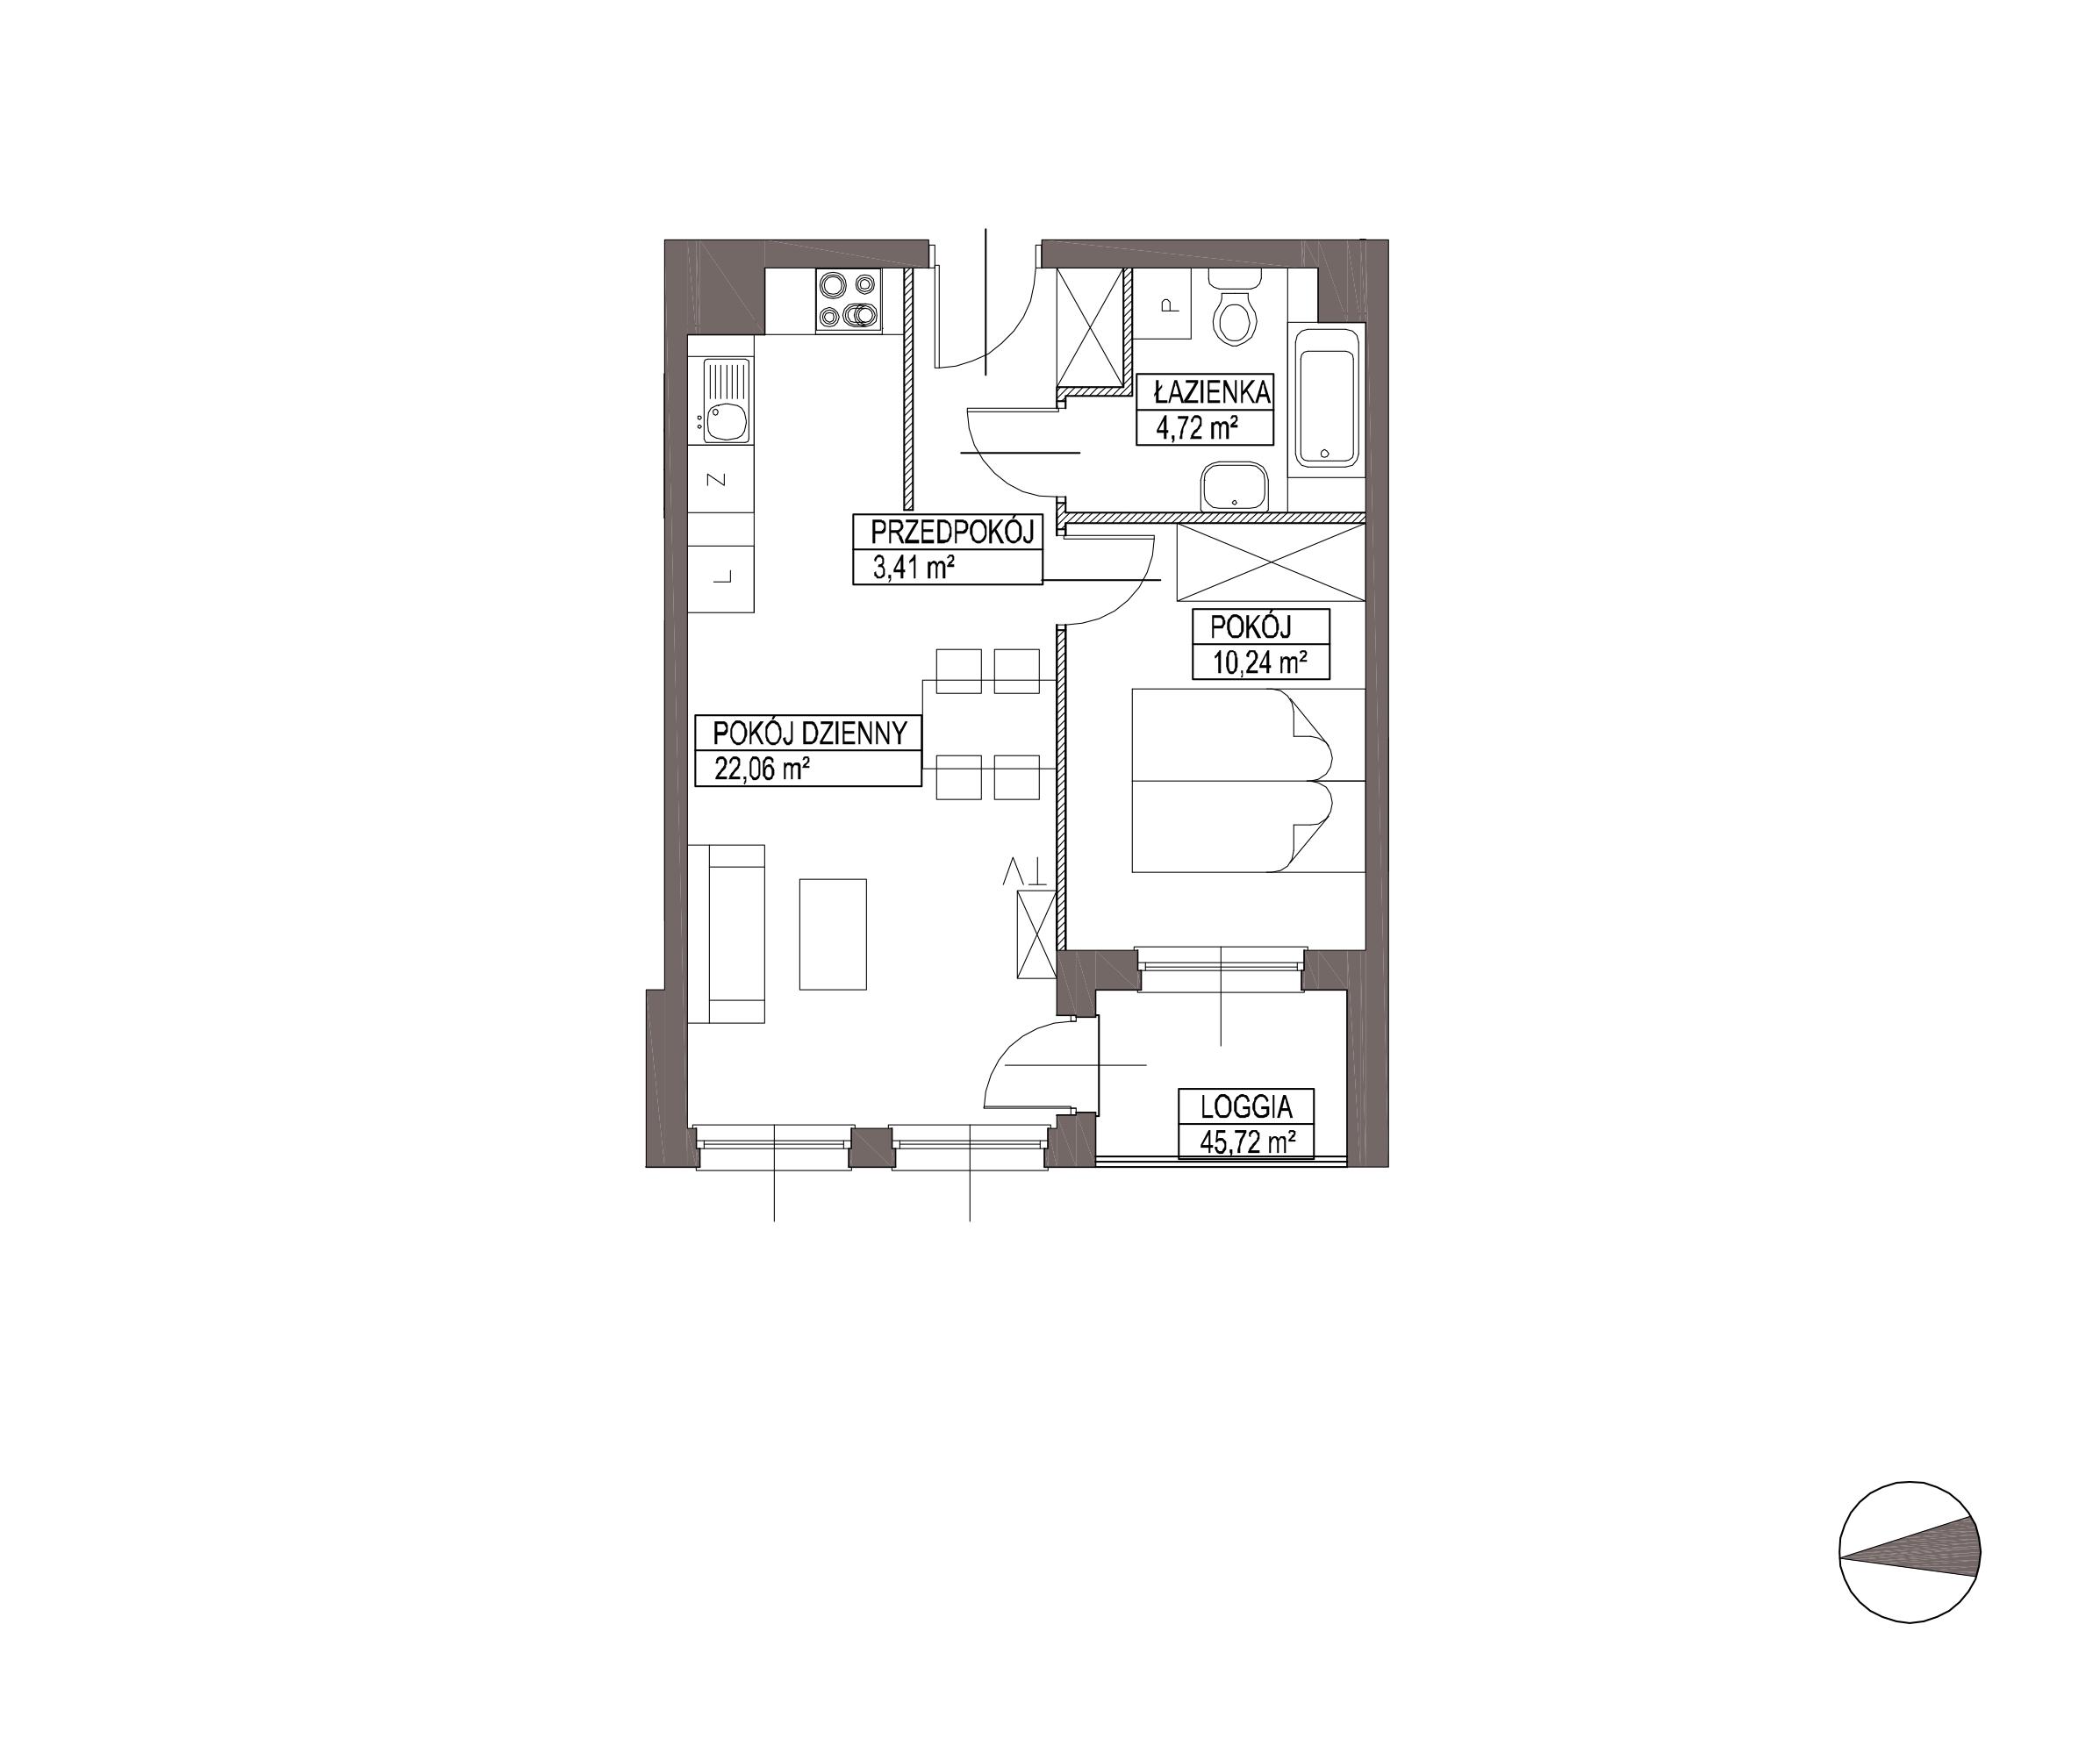 Kameralna Olszówka / budynek 1 / mieszkanie KO/A/3/8 rzut 1